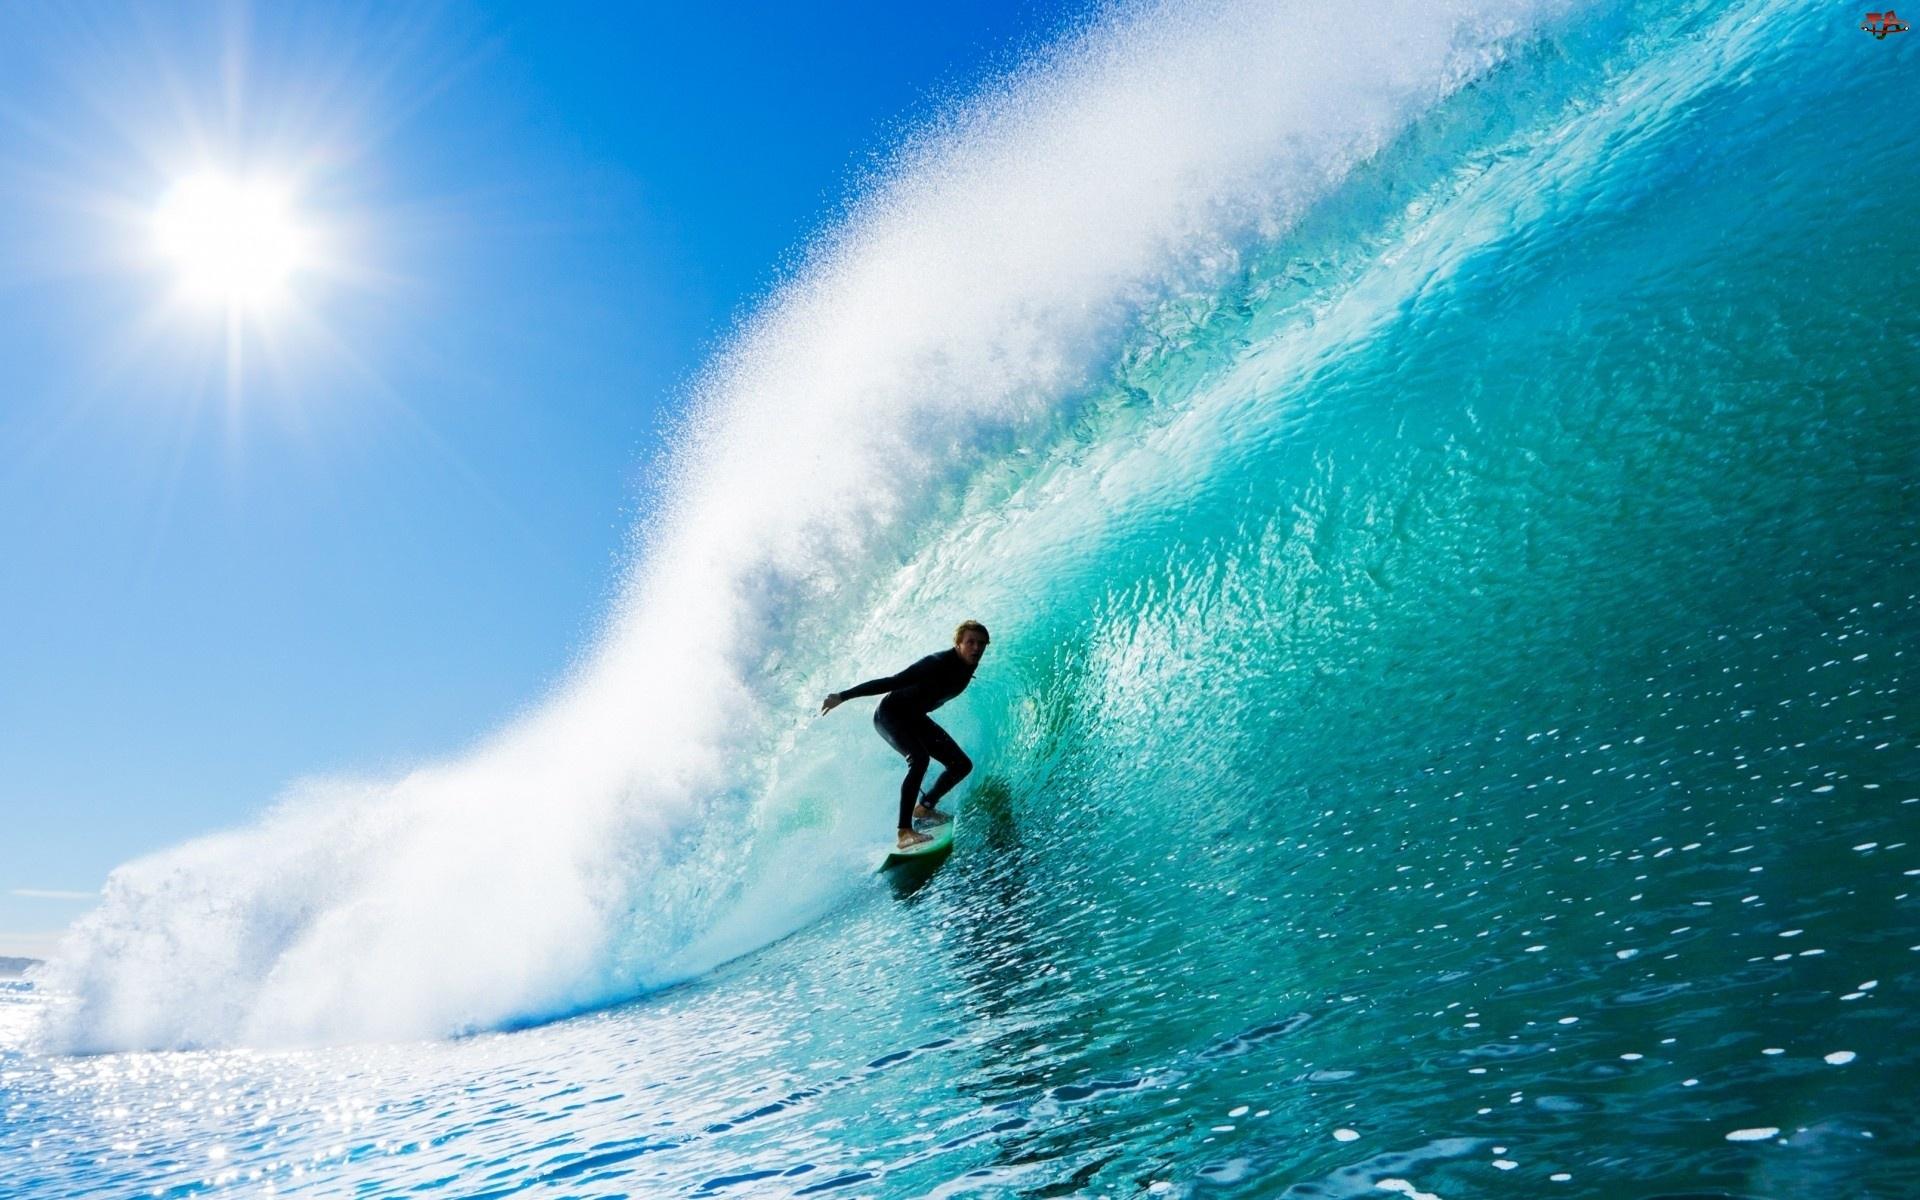 Surfing, Morze, Fala